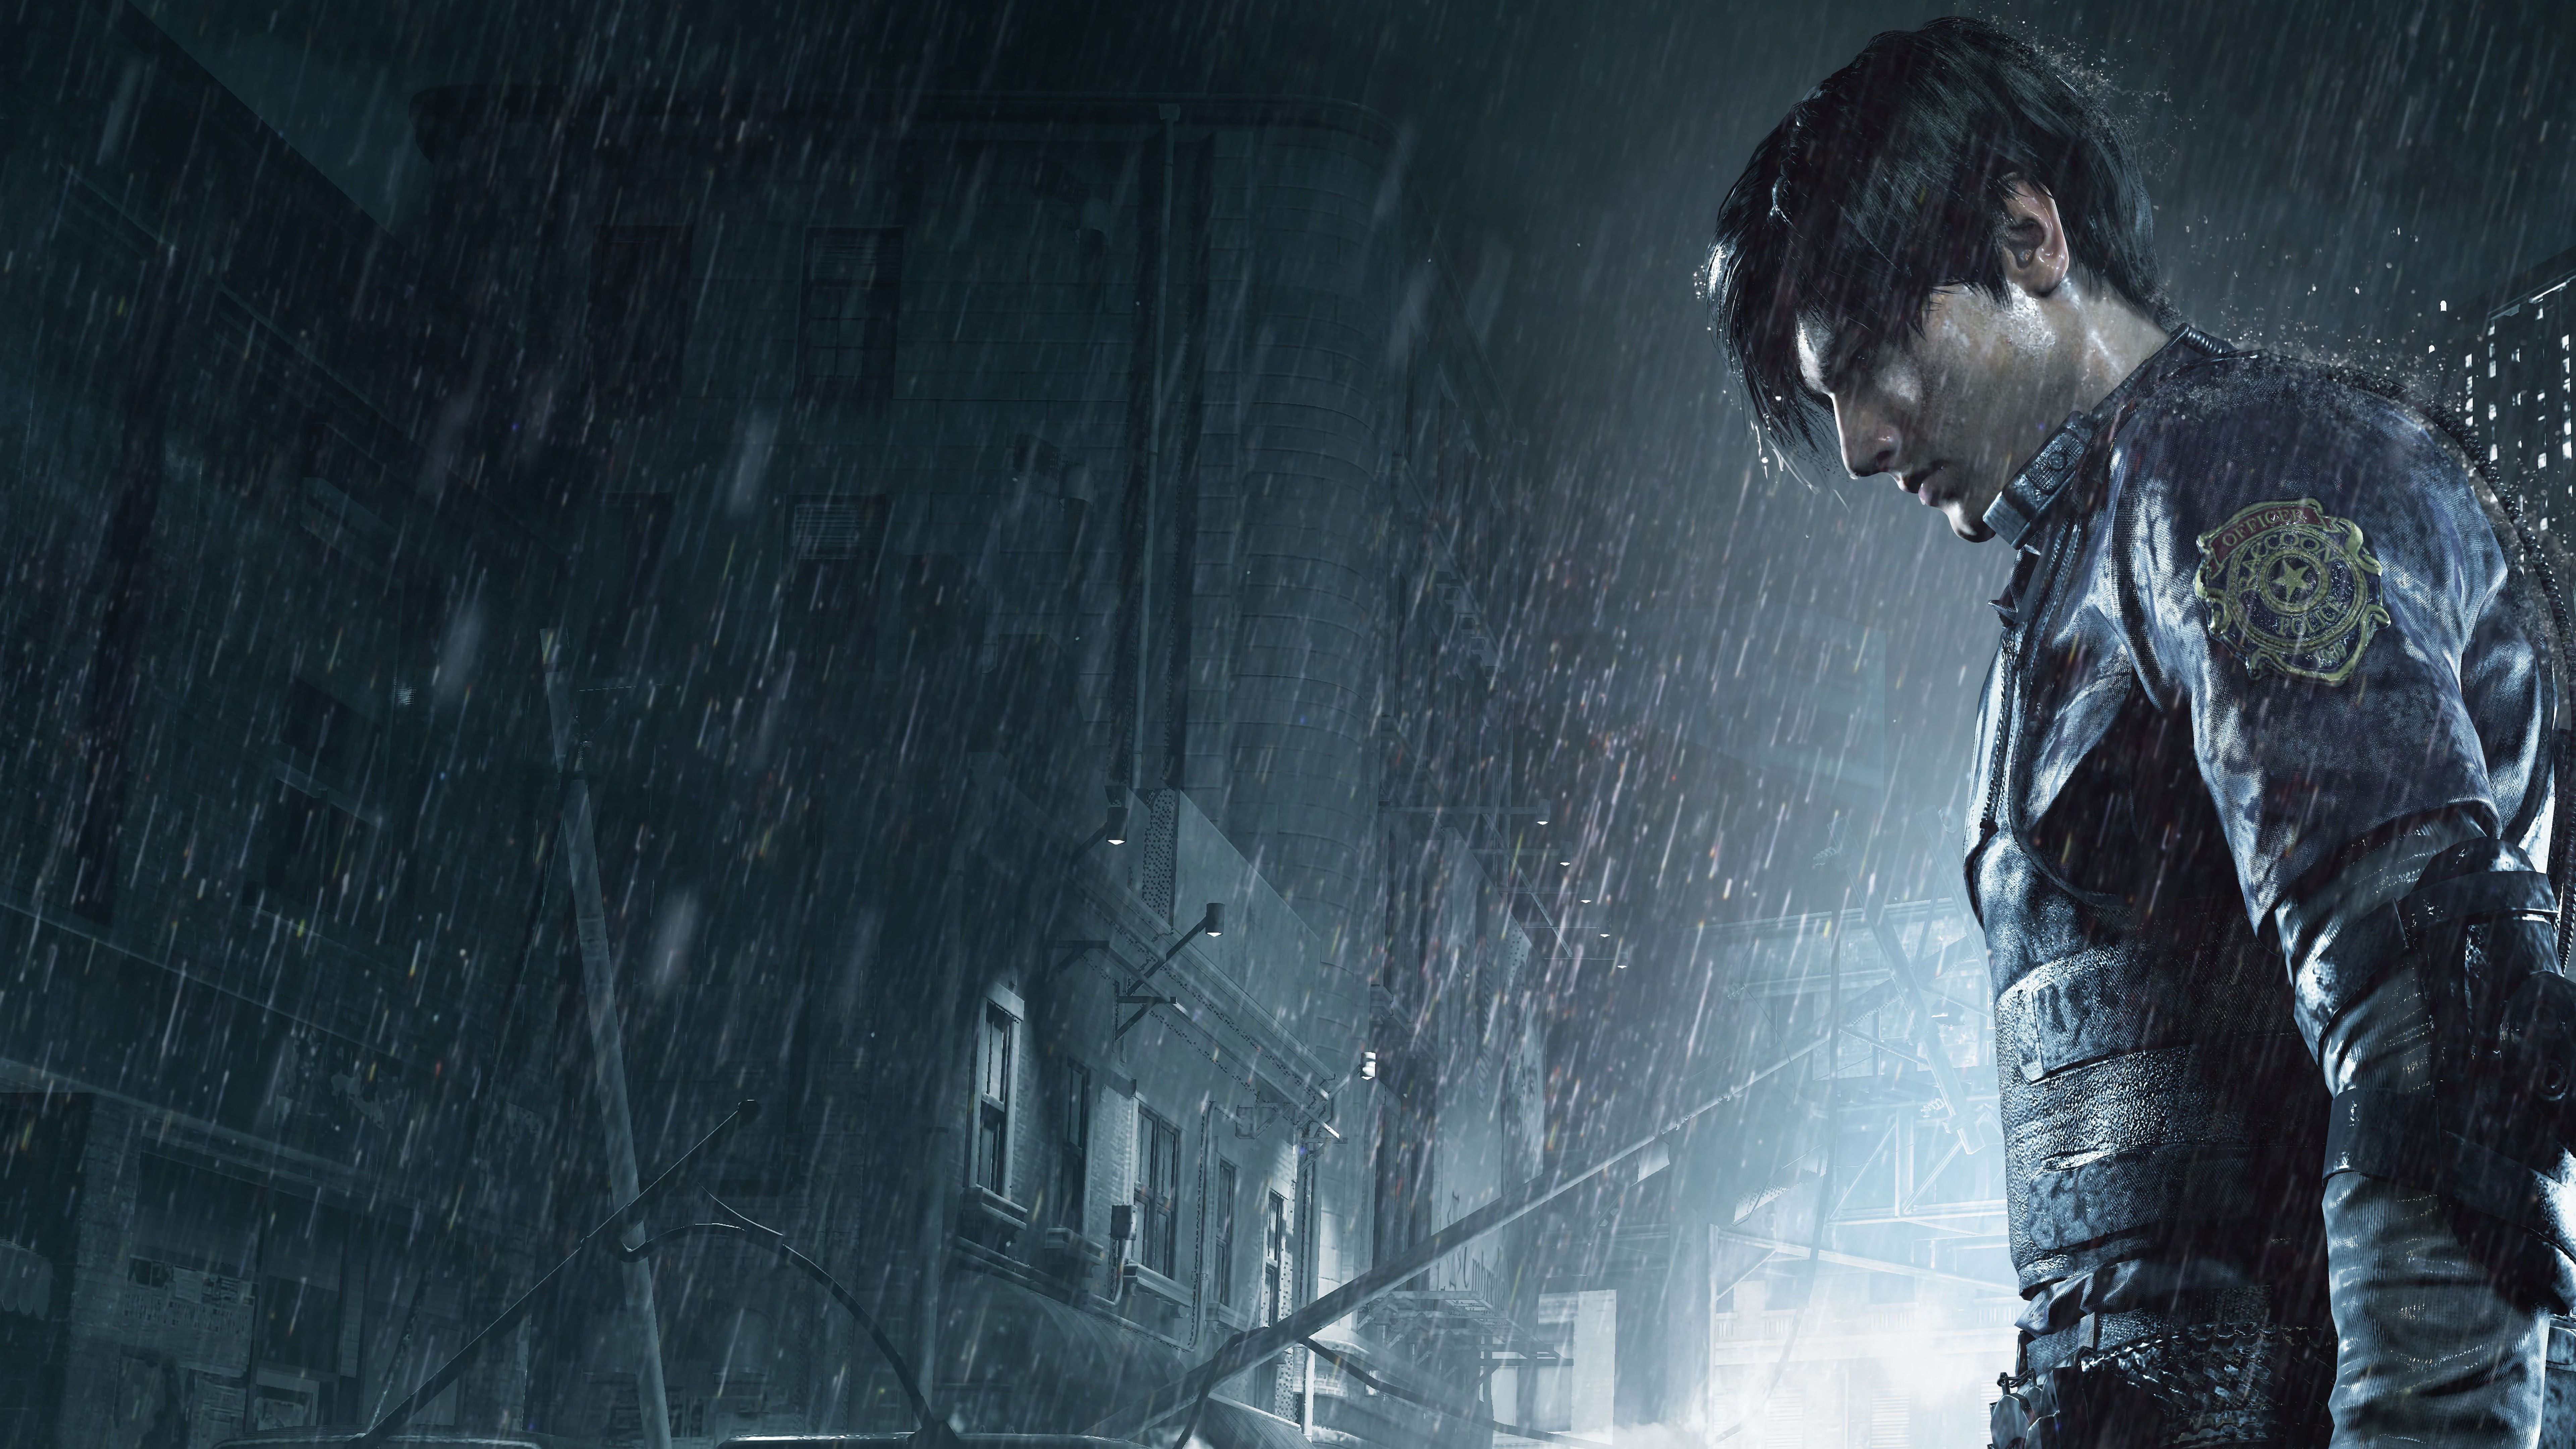 Resident Evil 2 Wallpapers Top Free Resident Evil 2